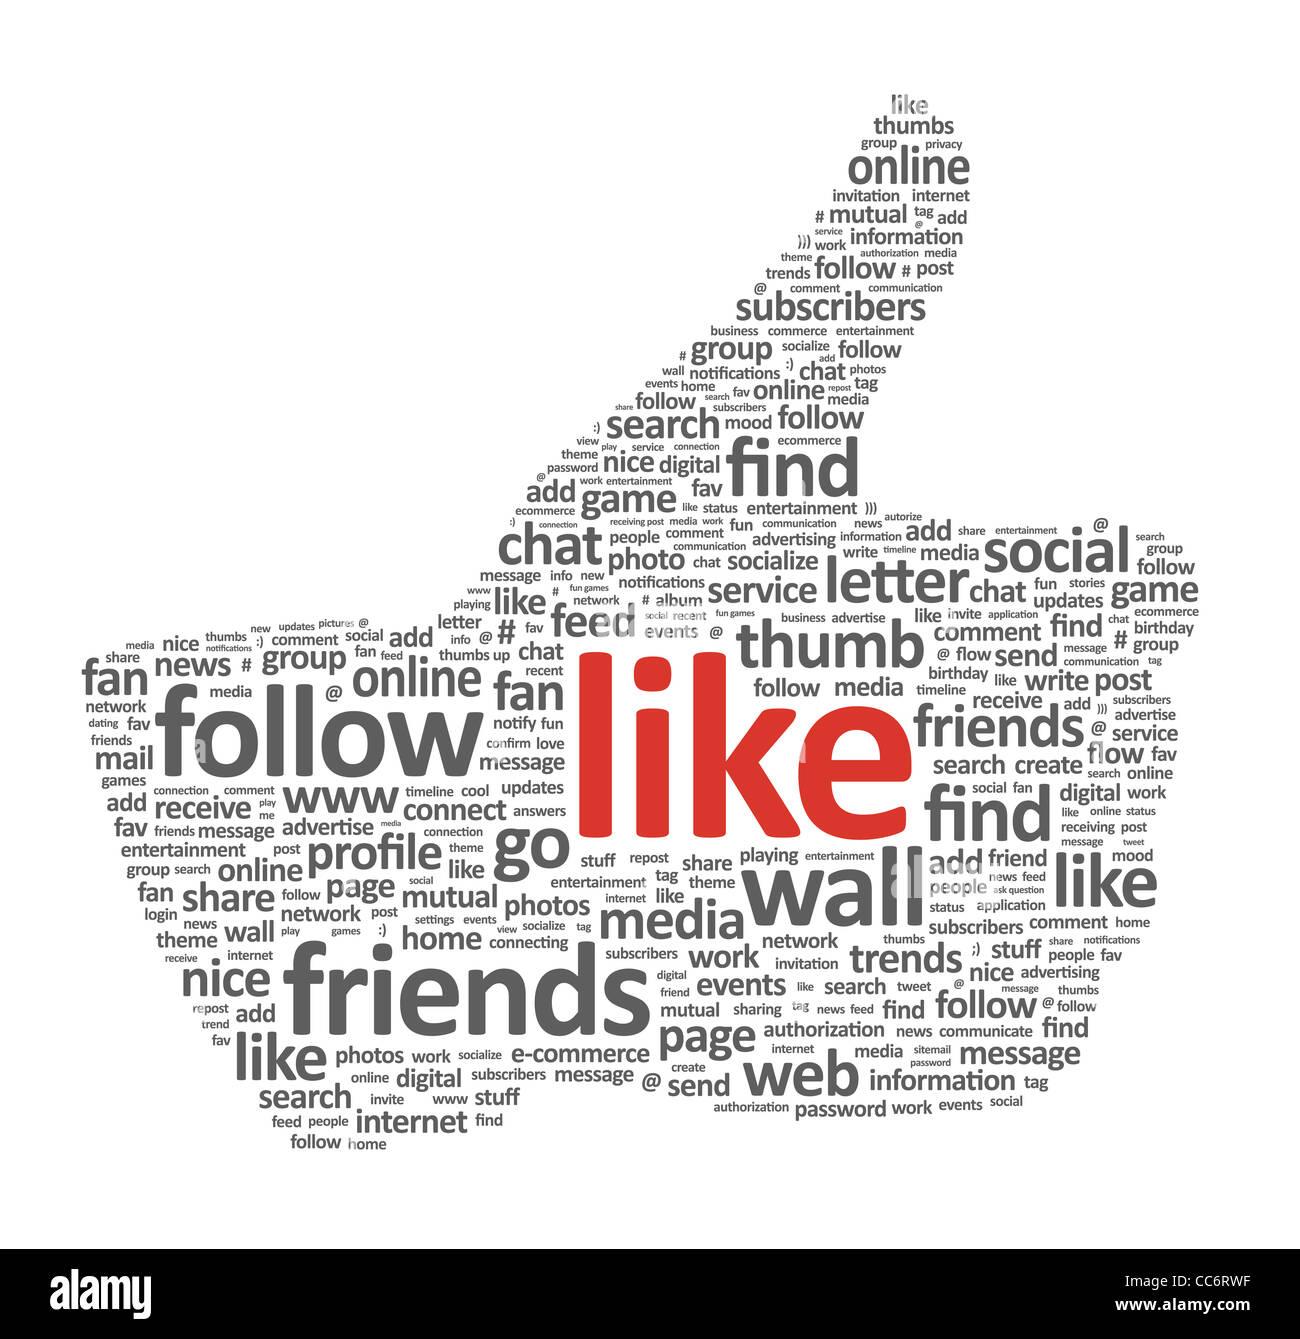 Ilustración del dedo pulgar hacia arriba el símbolo, que se compone de palabras sobre temas de medios Imagen De Stock